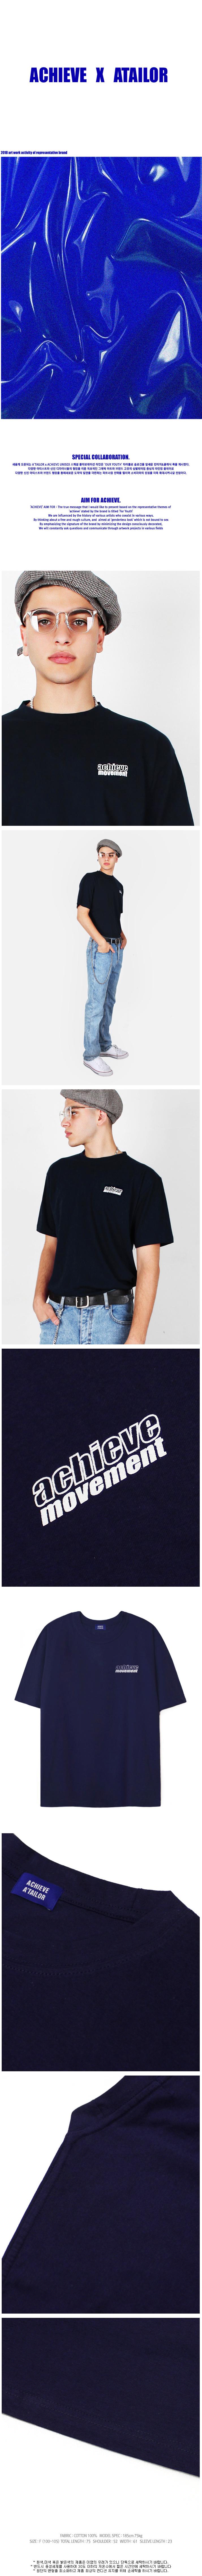 에이테일러(A-TAILOR) 아치브 스테이지 로고 반팔 티셔츠 - 다크 네이비